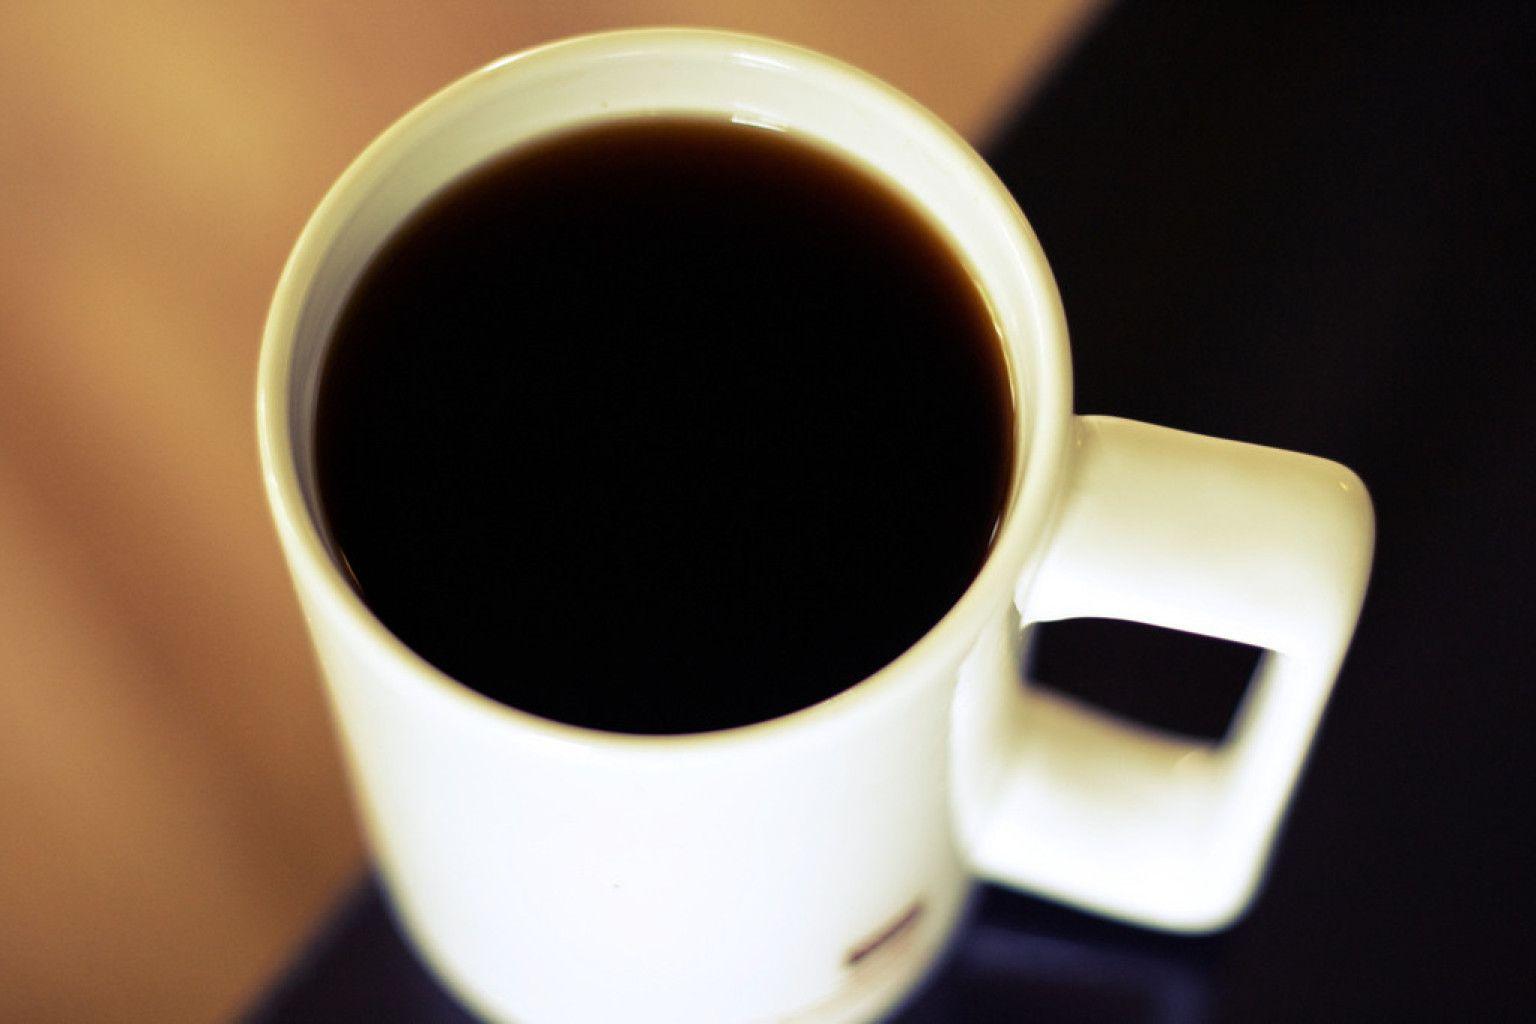 Ecco perché non dovremmo bere il caffè in aereo